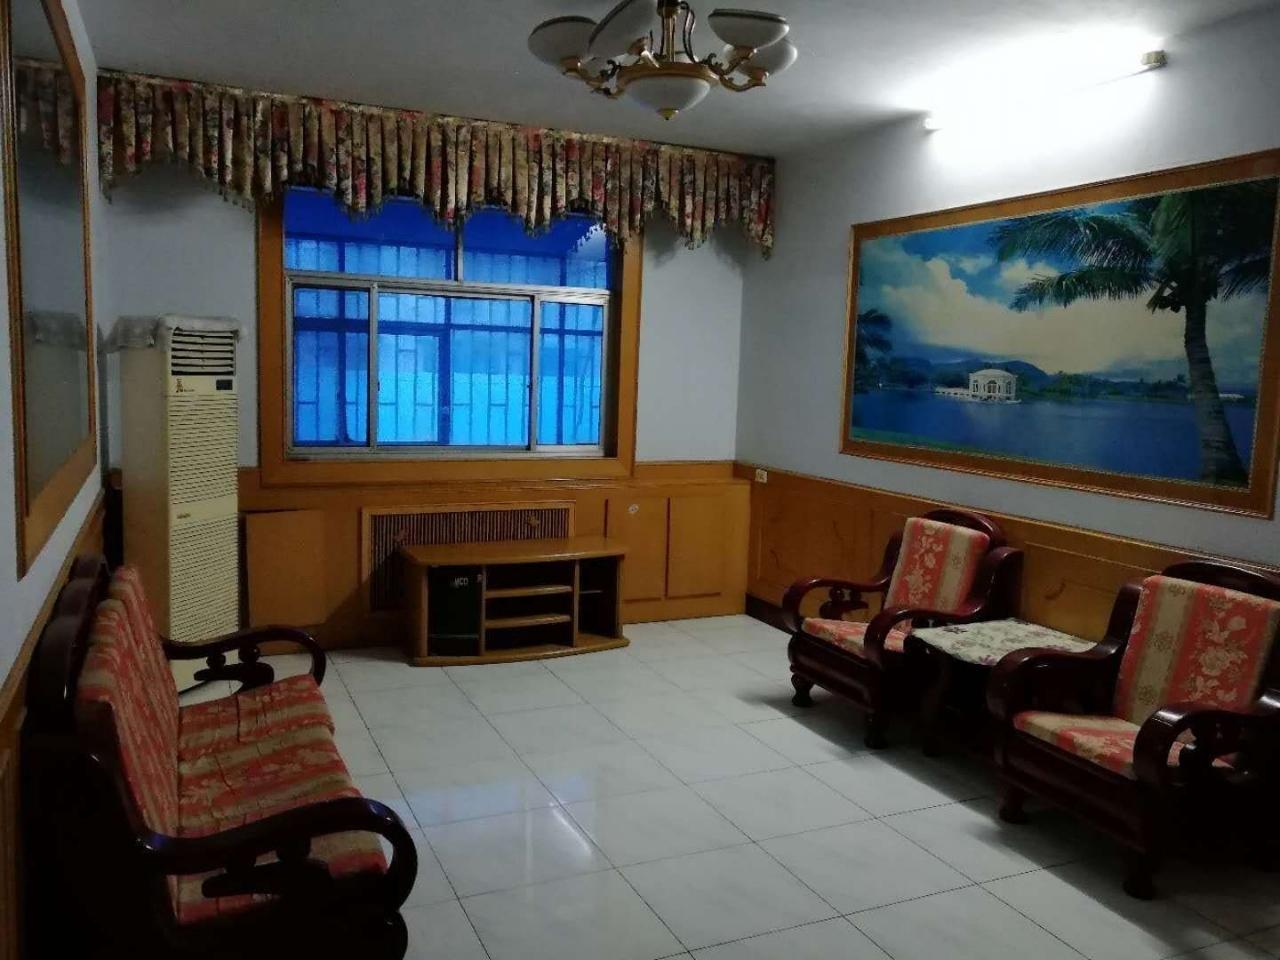 丹尼斯附近 四室两厅一卫 二楼 140平